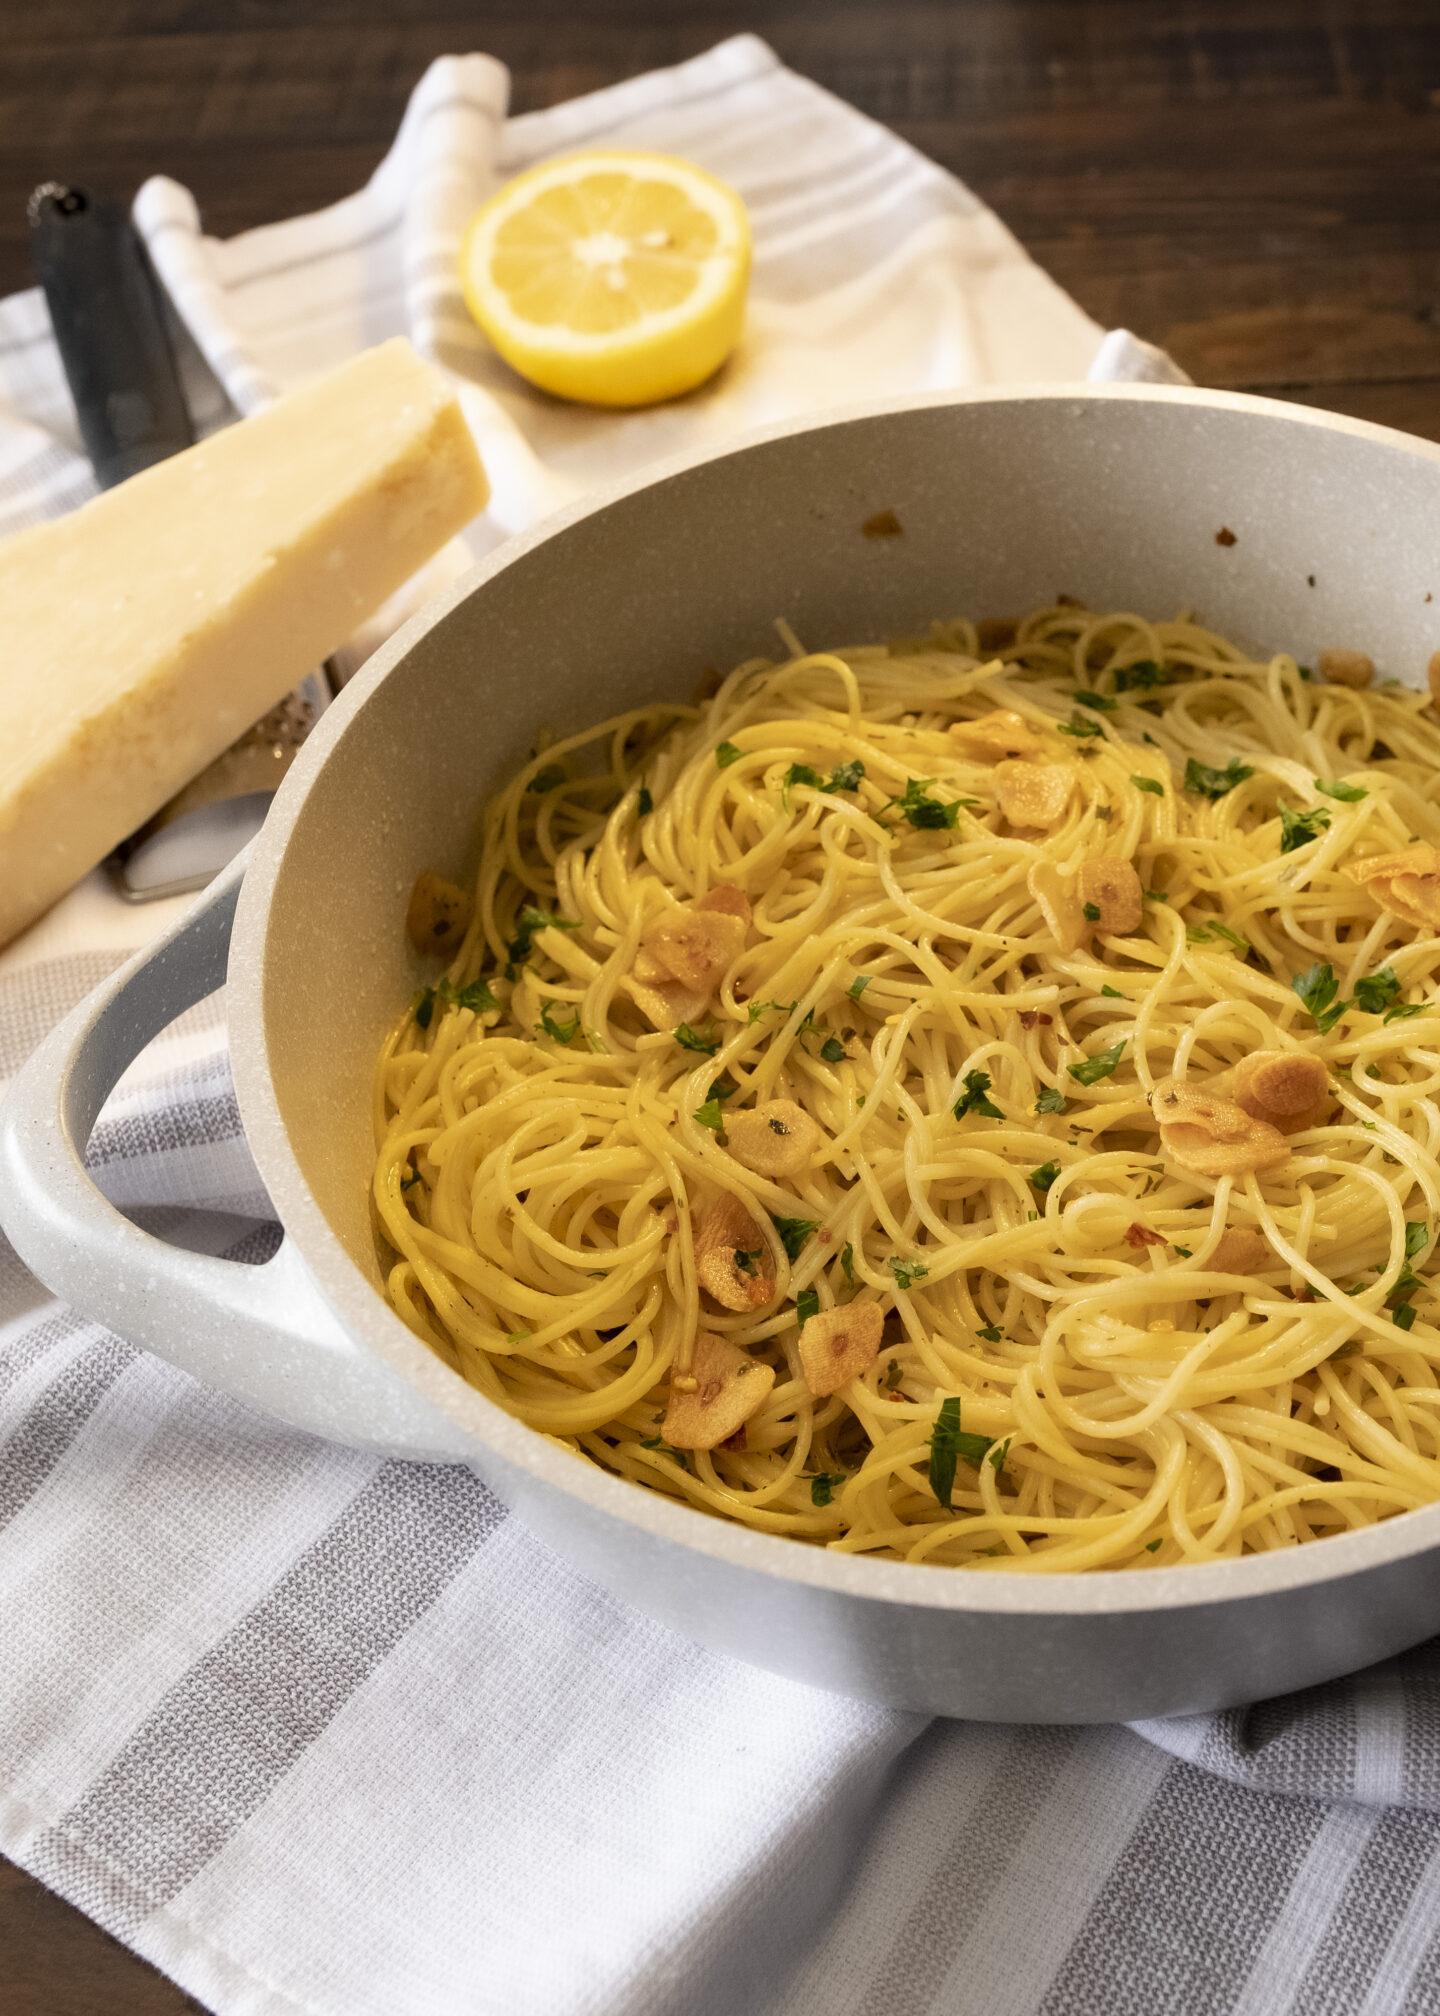 spaghetti with garlic oil and chili flake recipe